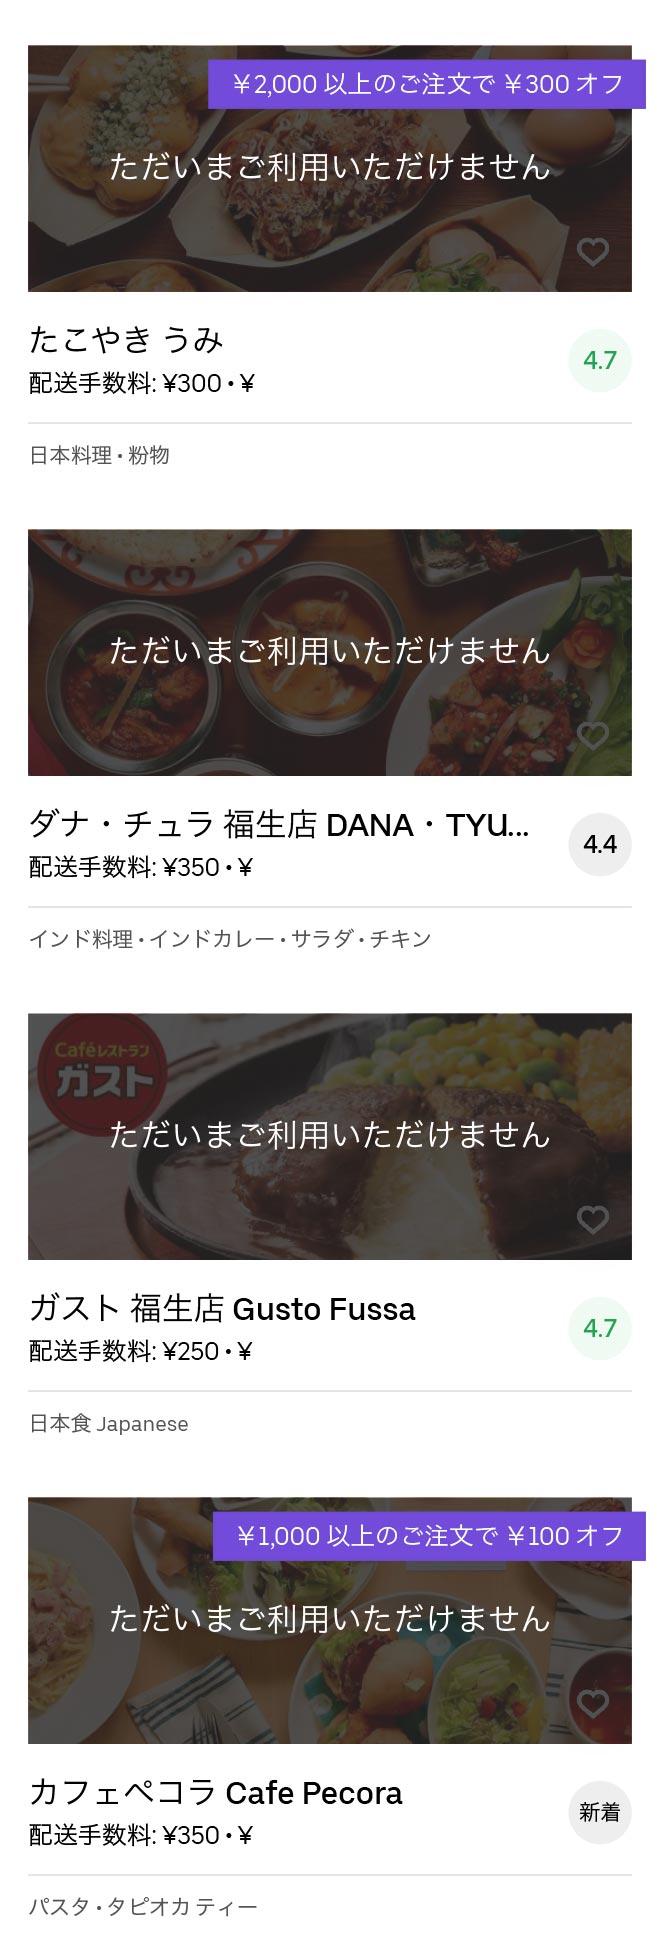 Hamura menu 2004 03